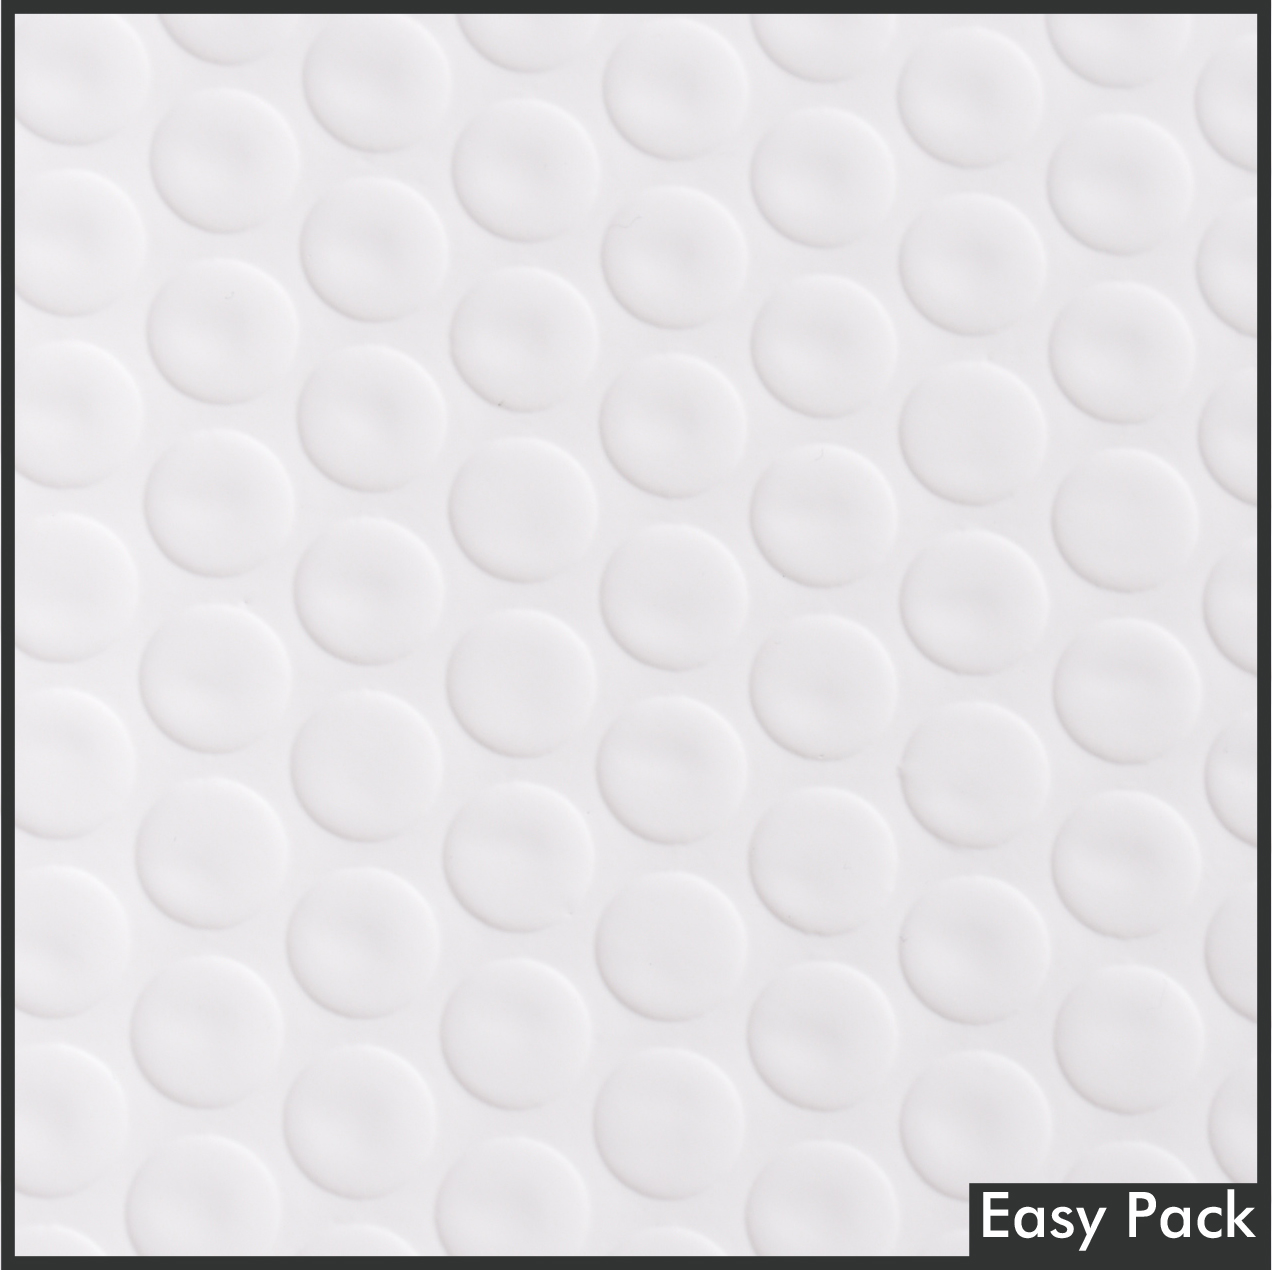 【法人様宛は送料無料】 耐水ポリビニルクッション封筒スリムタイプ 色:ホワイト / サイズ:50 (縦228mmX横312mm)